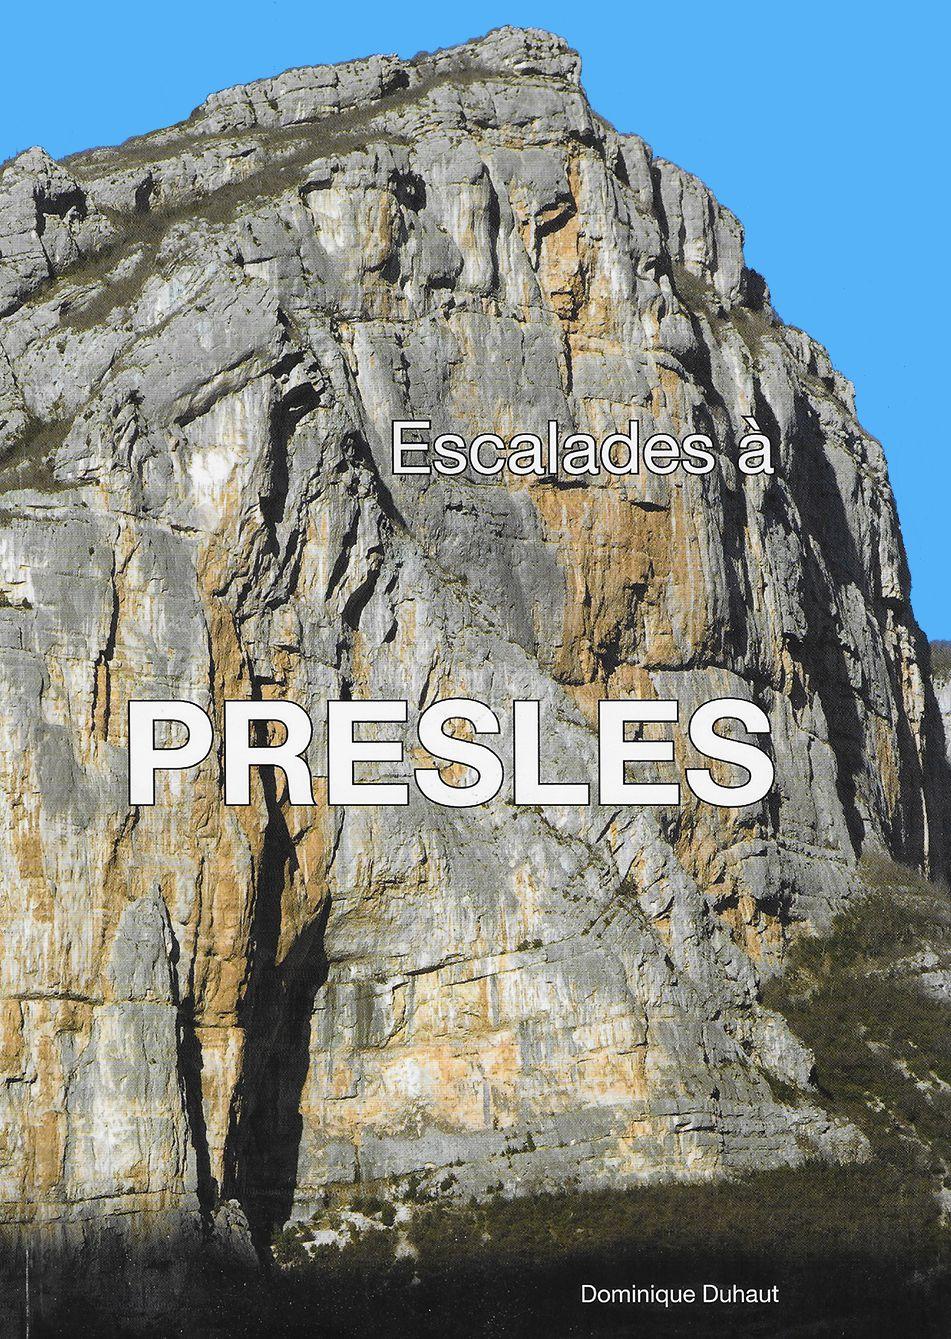 Ce topo paru récemment recense toutes les voies des falaises de Presles. Outre les aspects purement techniques et informatifs, il présente les protagonistes de leur conquête. J'y ai modestement contribué en écrivant les deux pages qui suivent.